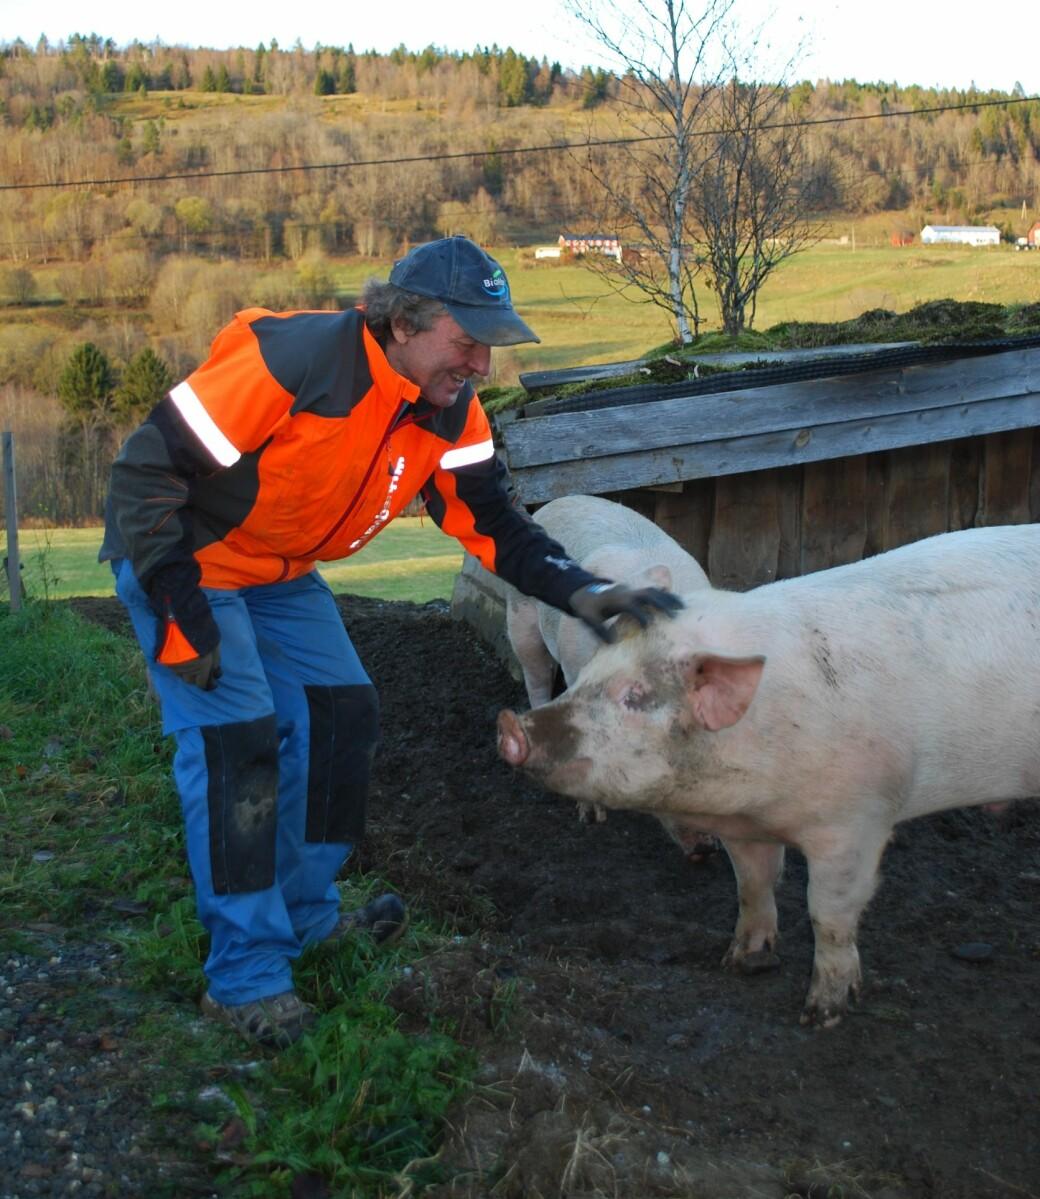 Edvin tek avskjed med grisane sine. Han har mata, stella og kosa med grisane sidan i vår. Det er mykje arbeid med grisane, dei får mykje mat frå butikkane, men sidan maten er rå må han kokas før grisane kan ete det.